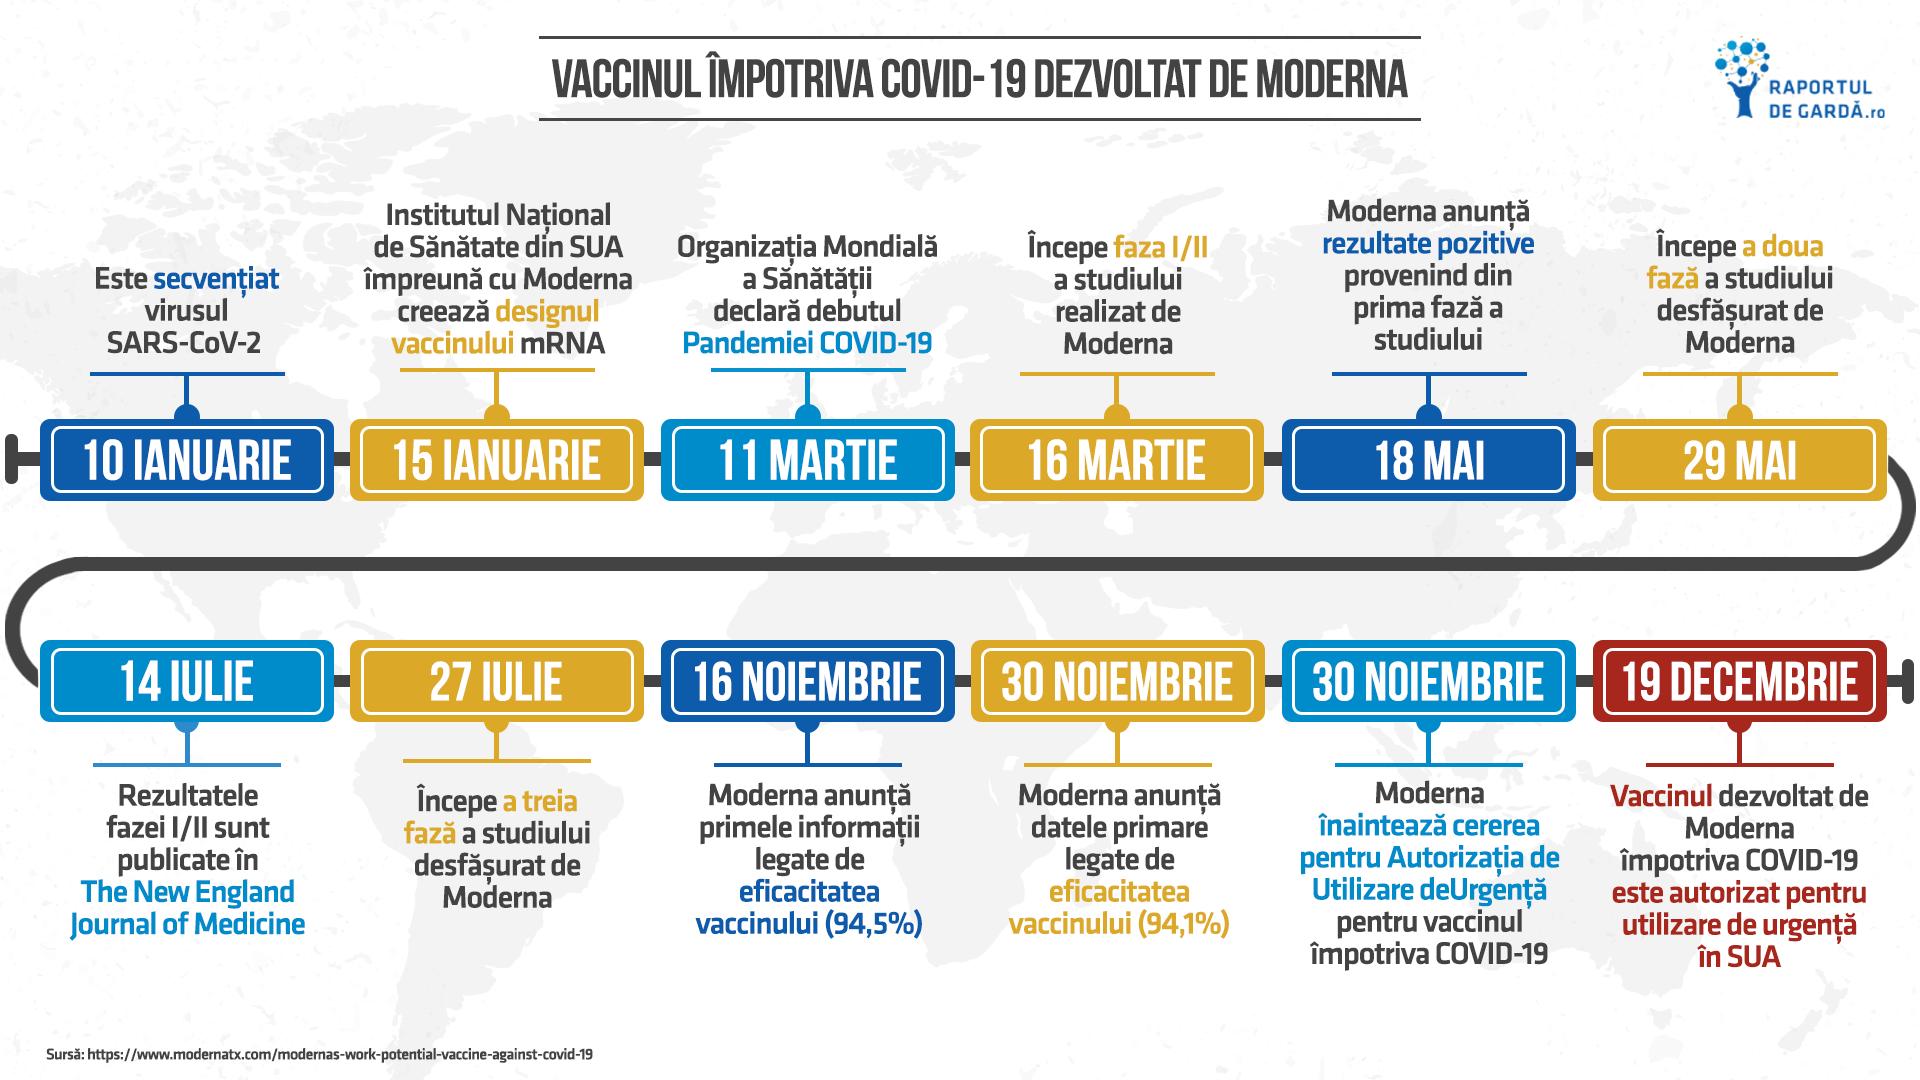 Etapele dezvoltării vaccinului Moderna împotriva COVID19